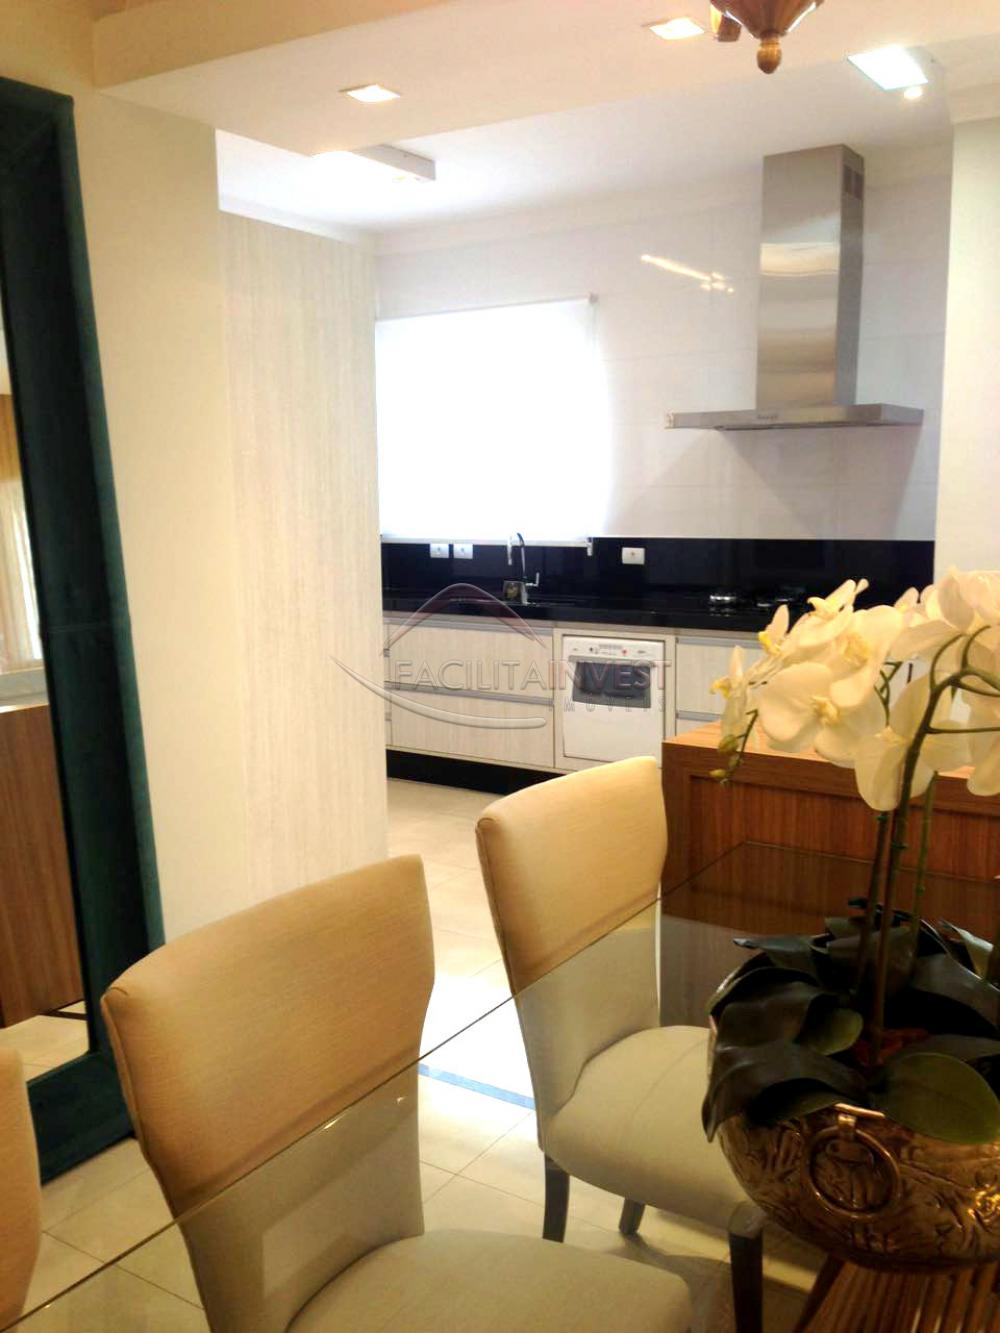 Comprar Lançamentos/ Empreendimentos em Construç / Apartamento padrão - Lançamento em Ribeirão Preto apenas R$ 950.567,00 - Foto 4